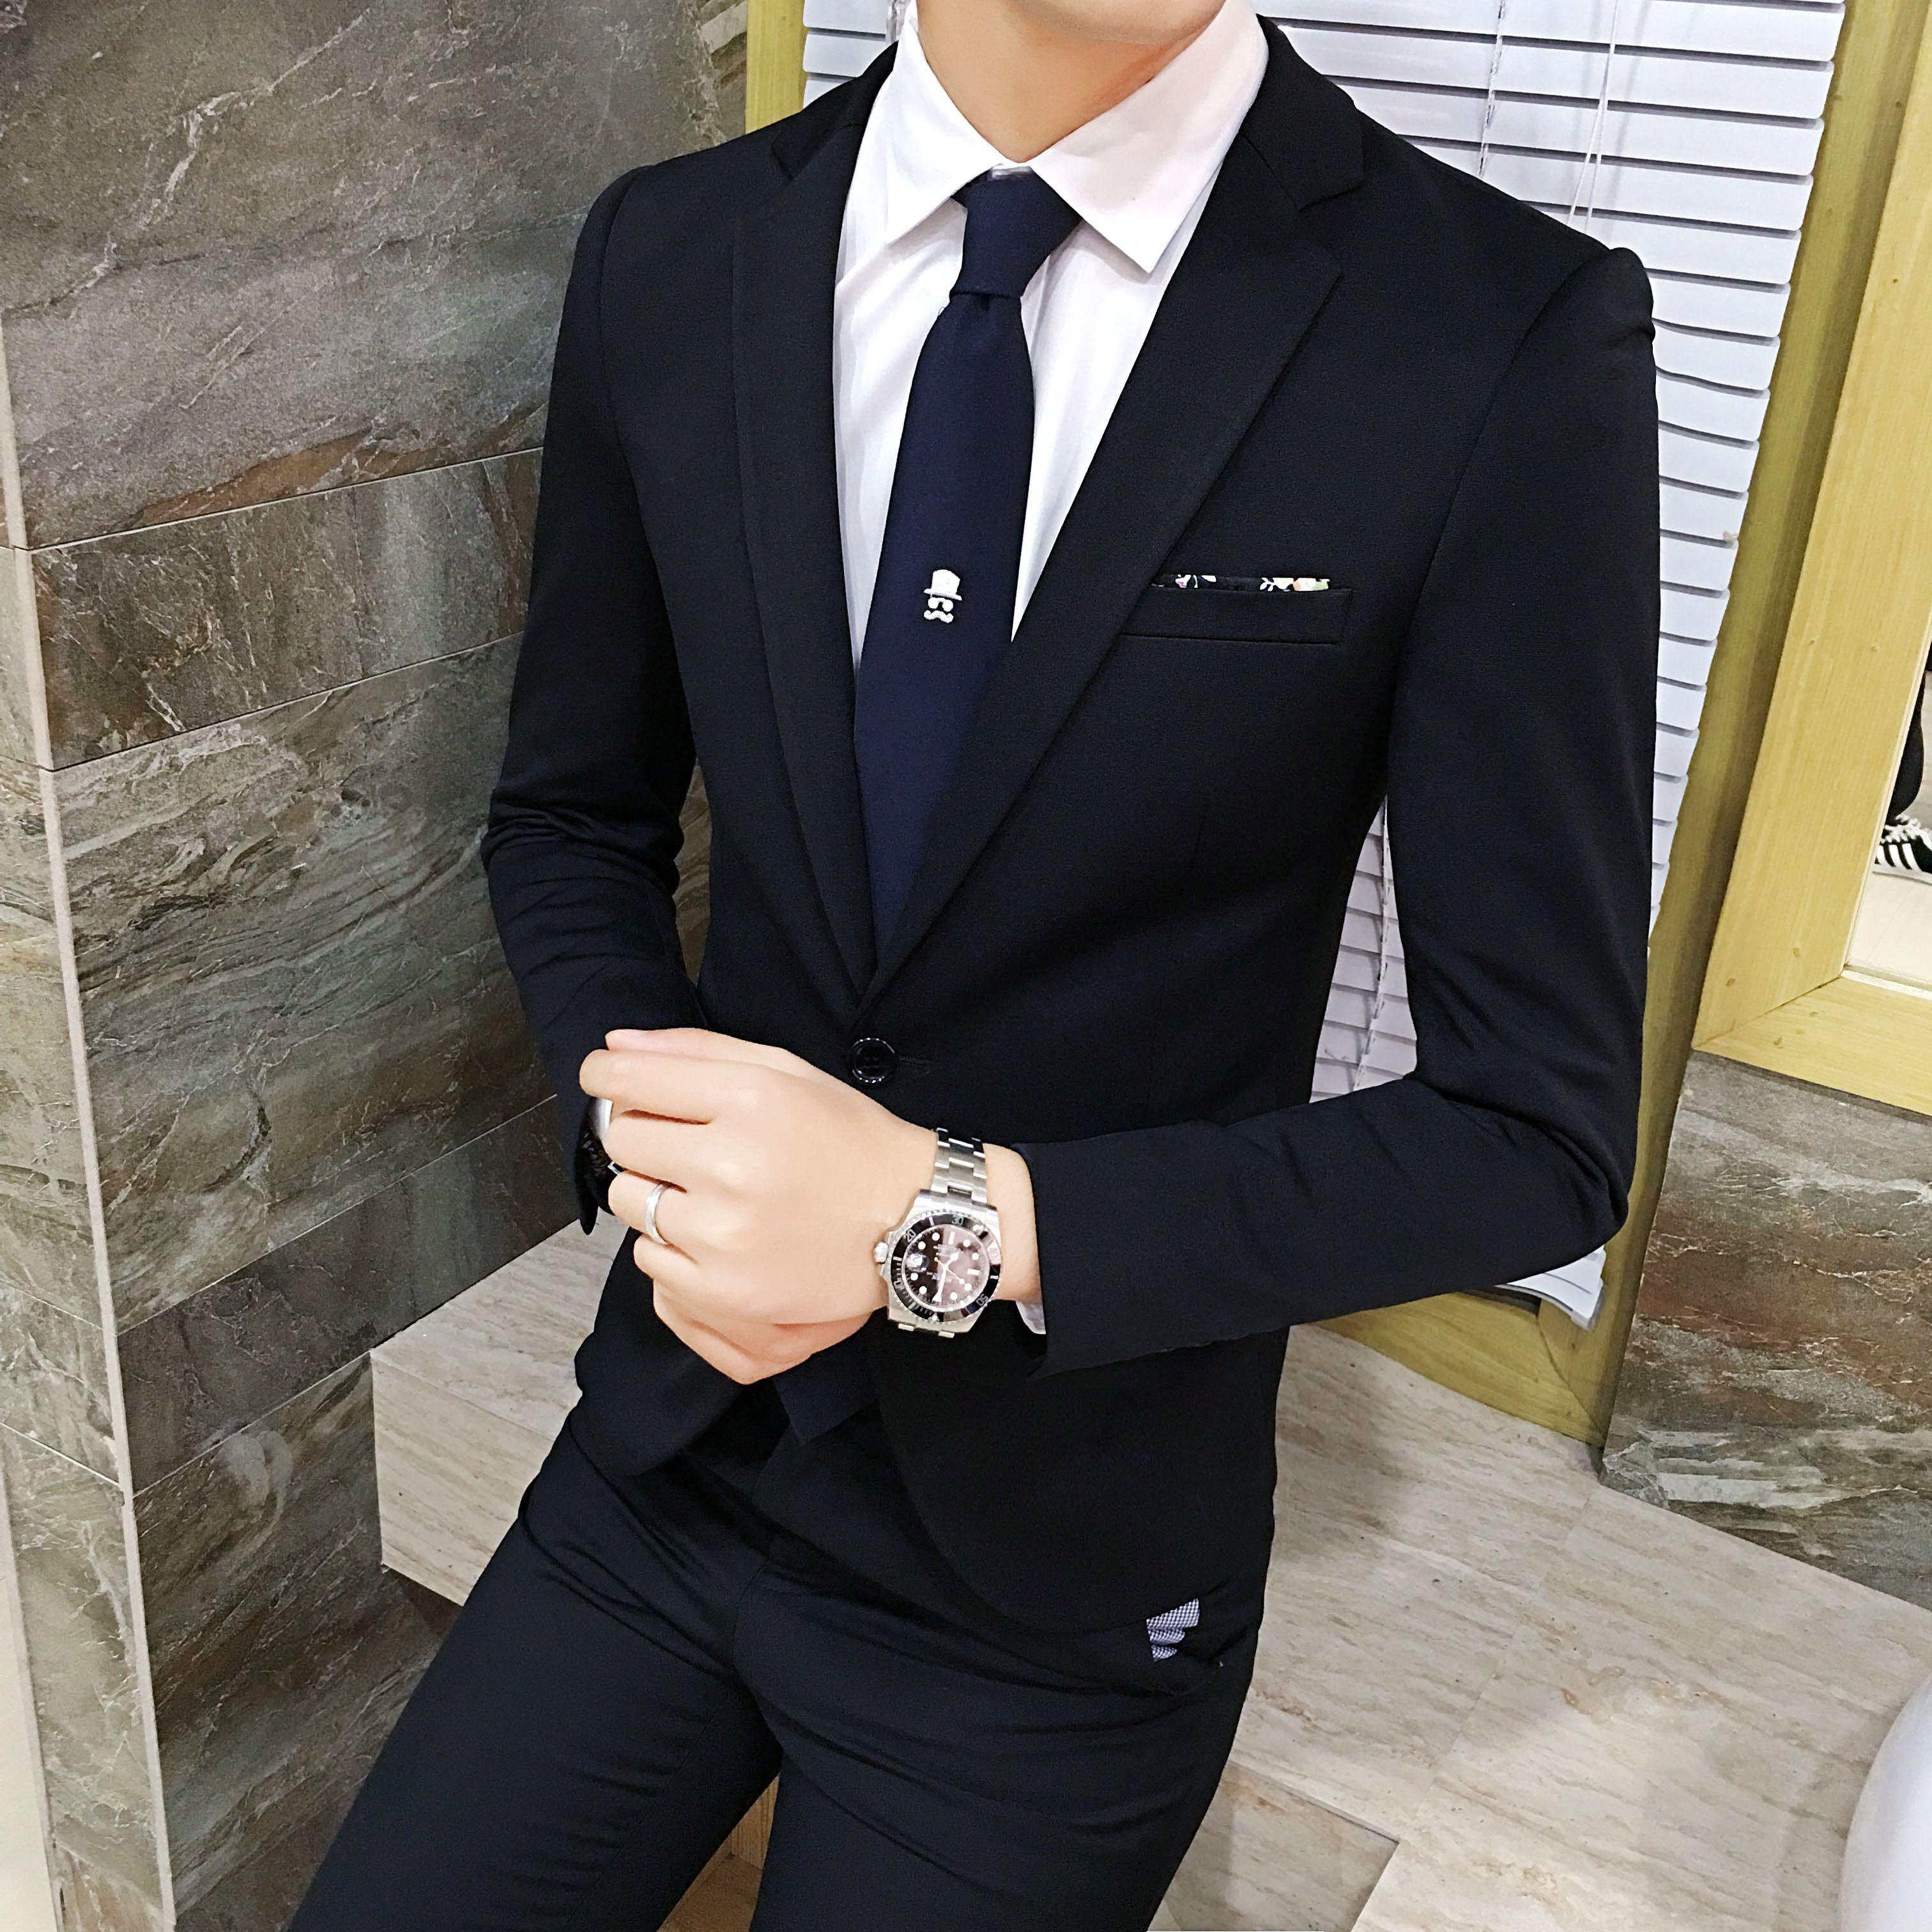 加小码男士紧身小西装XS矮小个子特小版超修身西服外套男S码正装